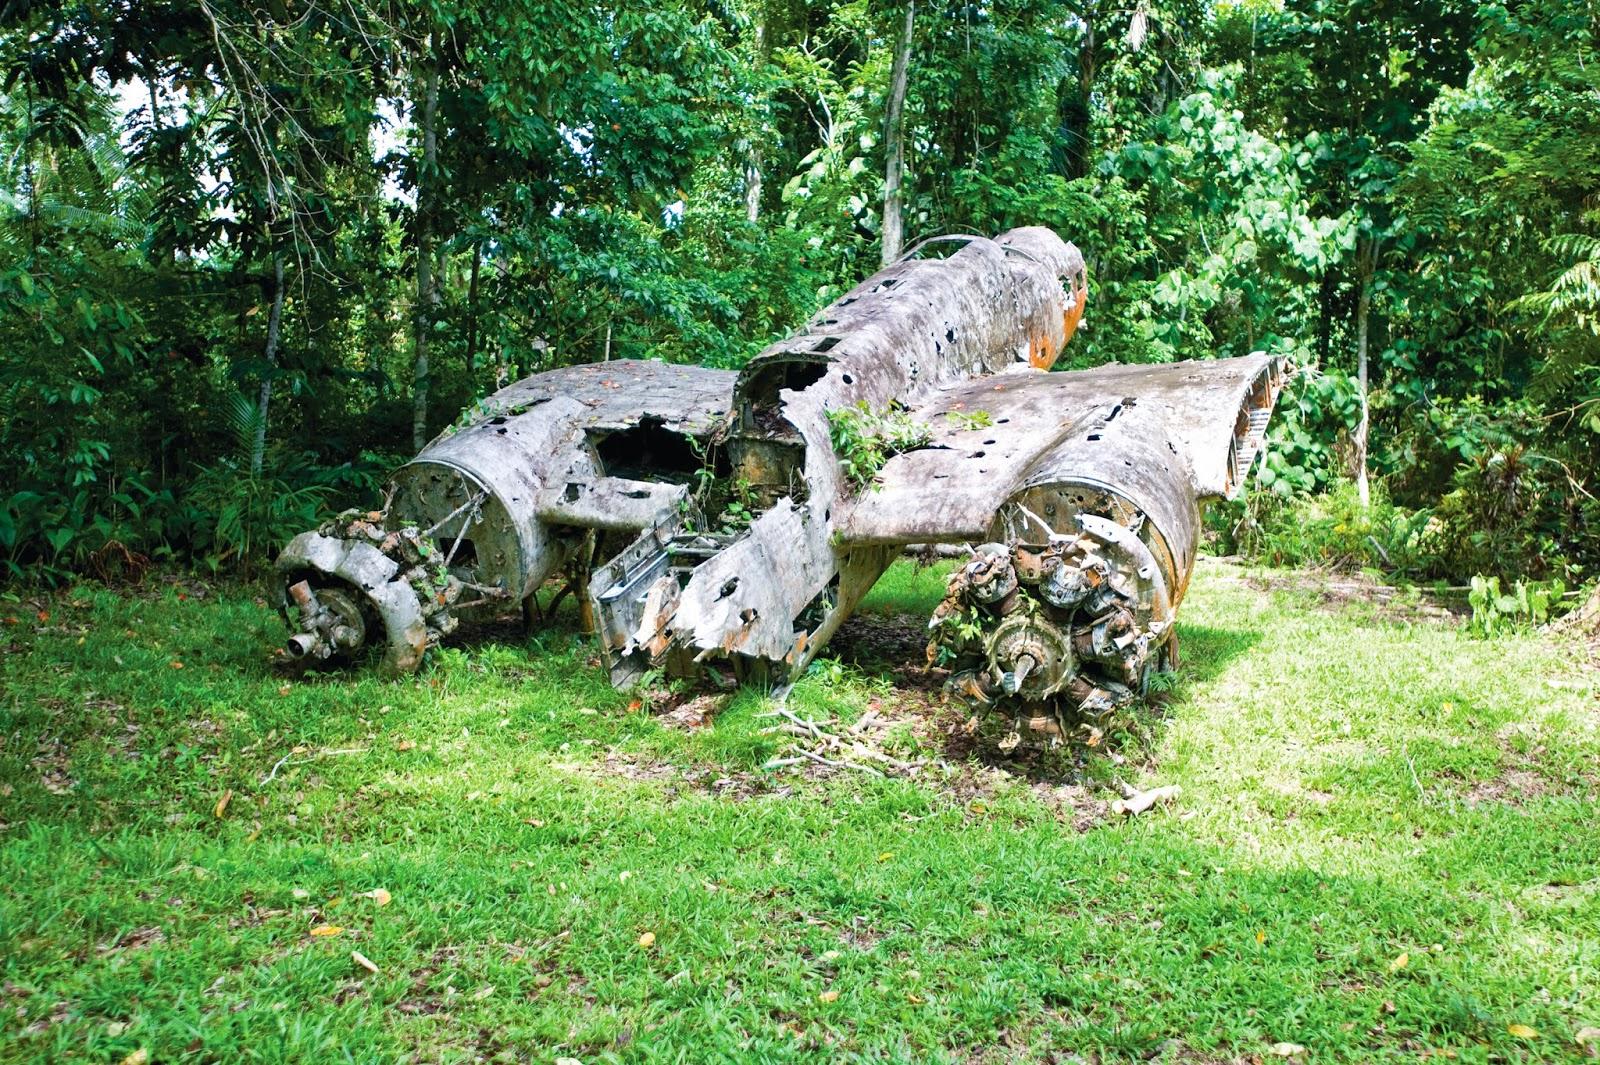 A World War II plane wreck near Madang, Papua New Guinea